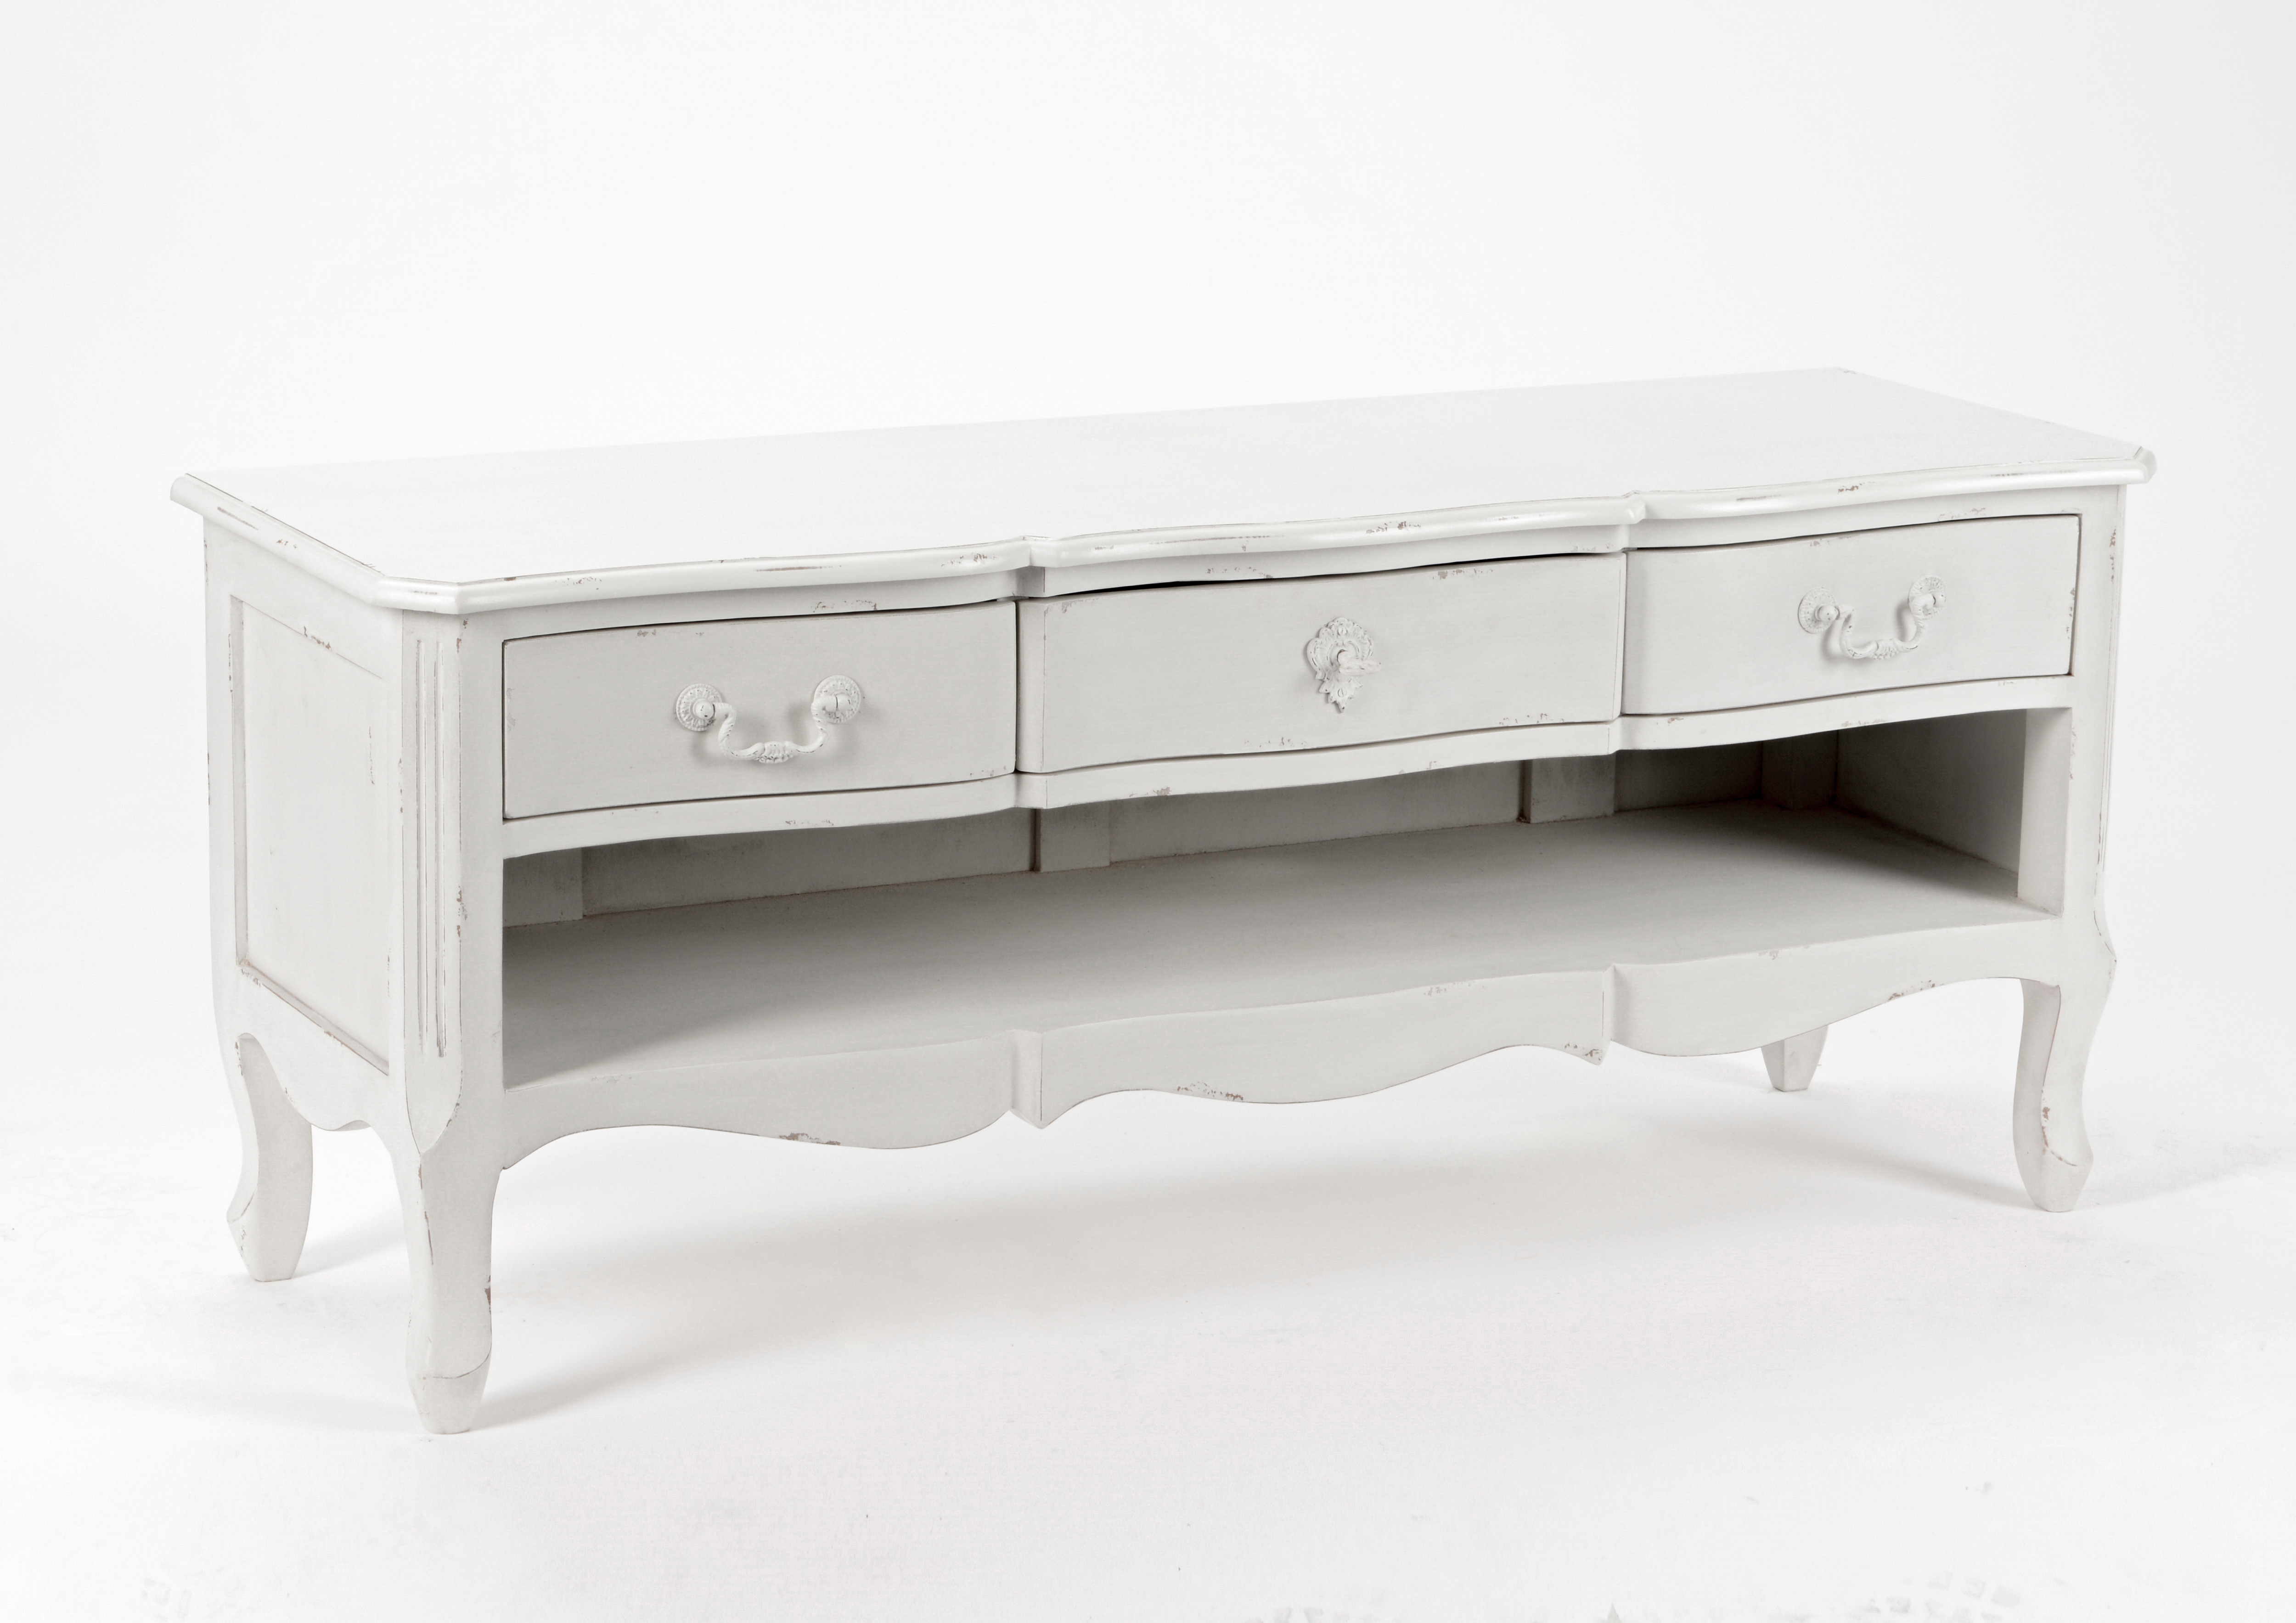 Meuble Tv Bois Blanc Pas Cher Mobilier Design D Coration D  # Meuble Tv Blanc Photo